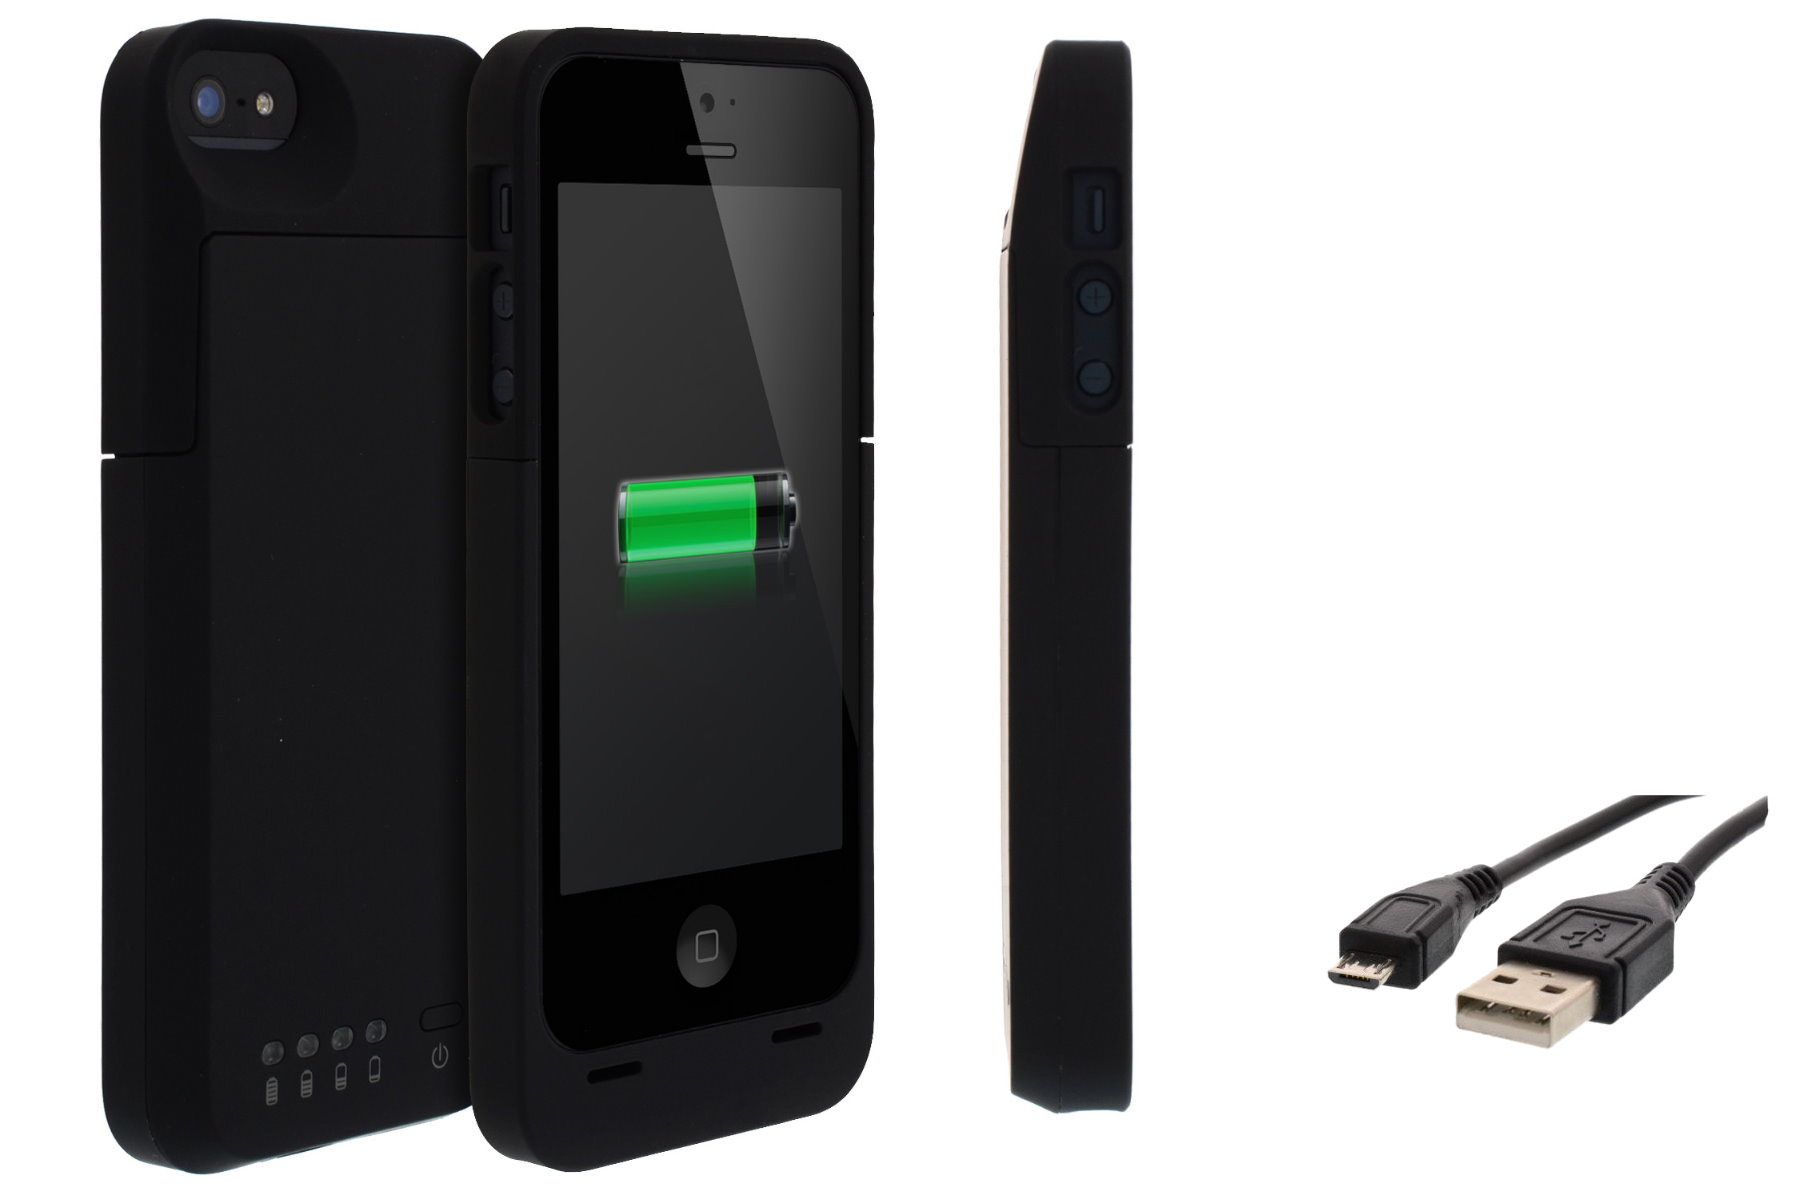 Schutzhuelle-Cover-mit-integriertem-Zusatz-Akku-fuer-iPhone-5-2200-mAh